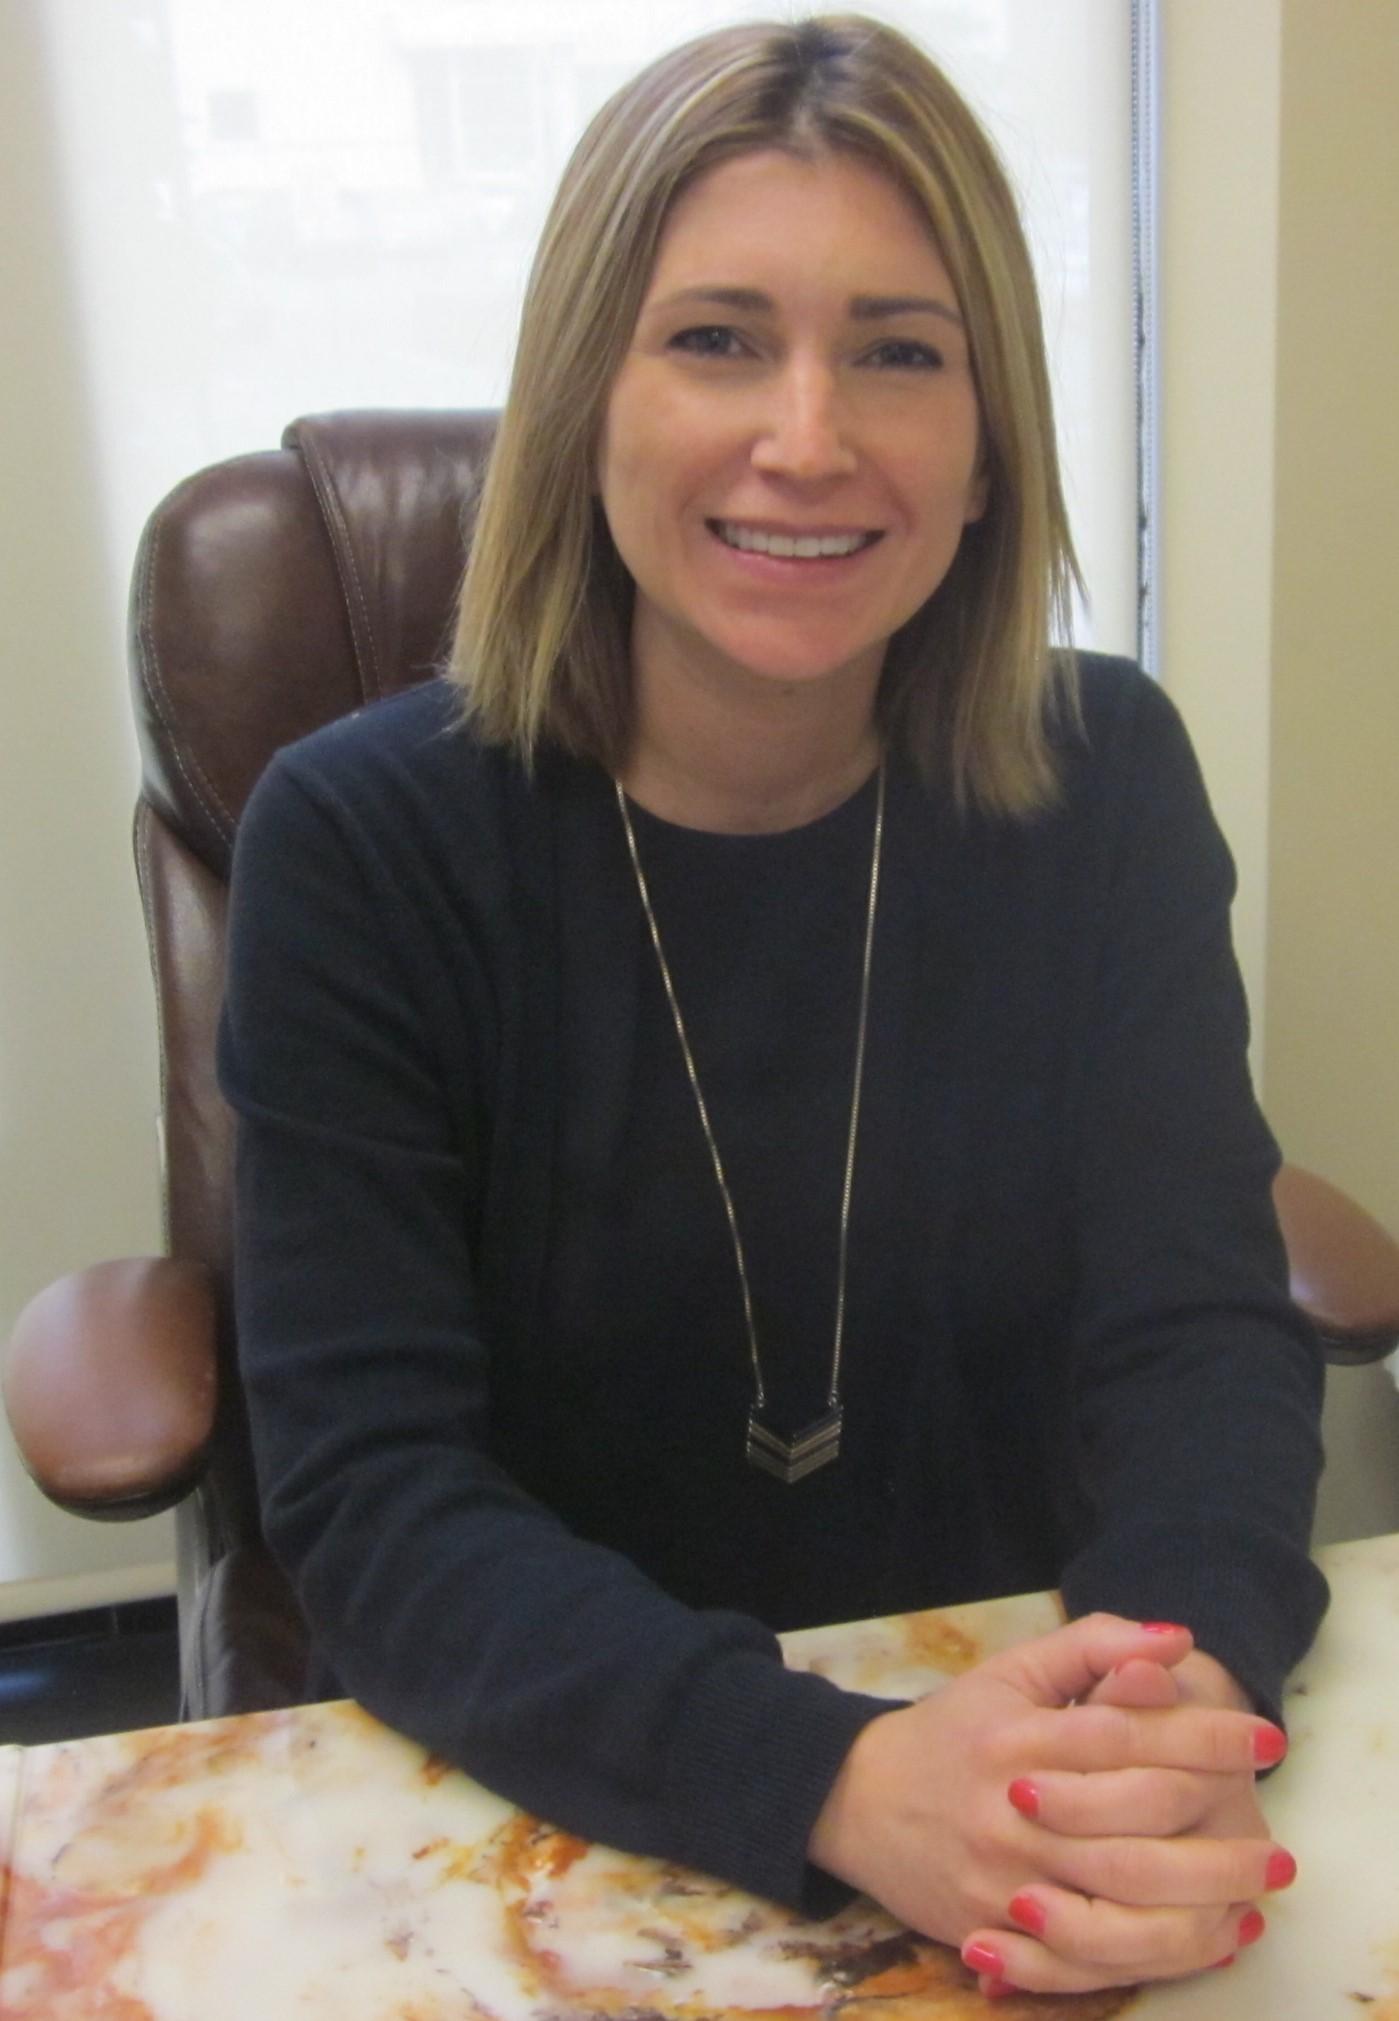 Kristen Patient Coordinator Morristown, New Jersey